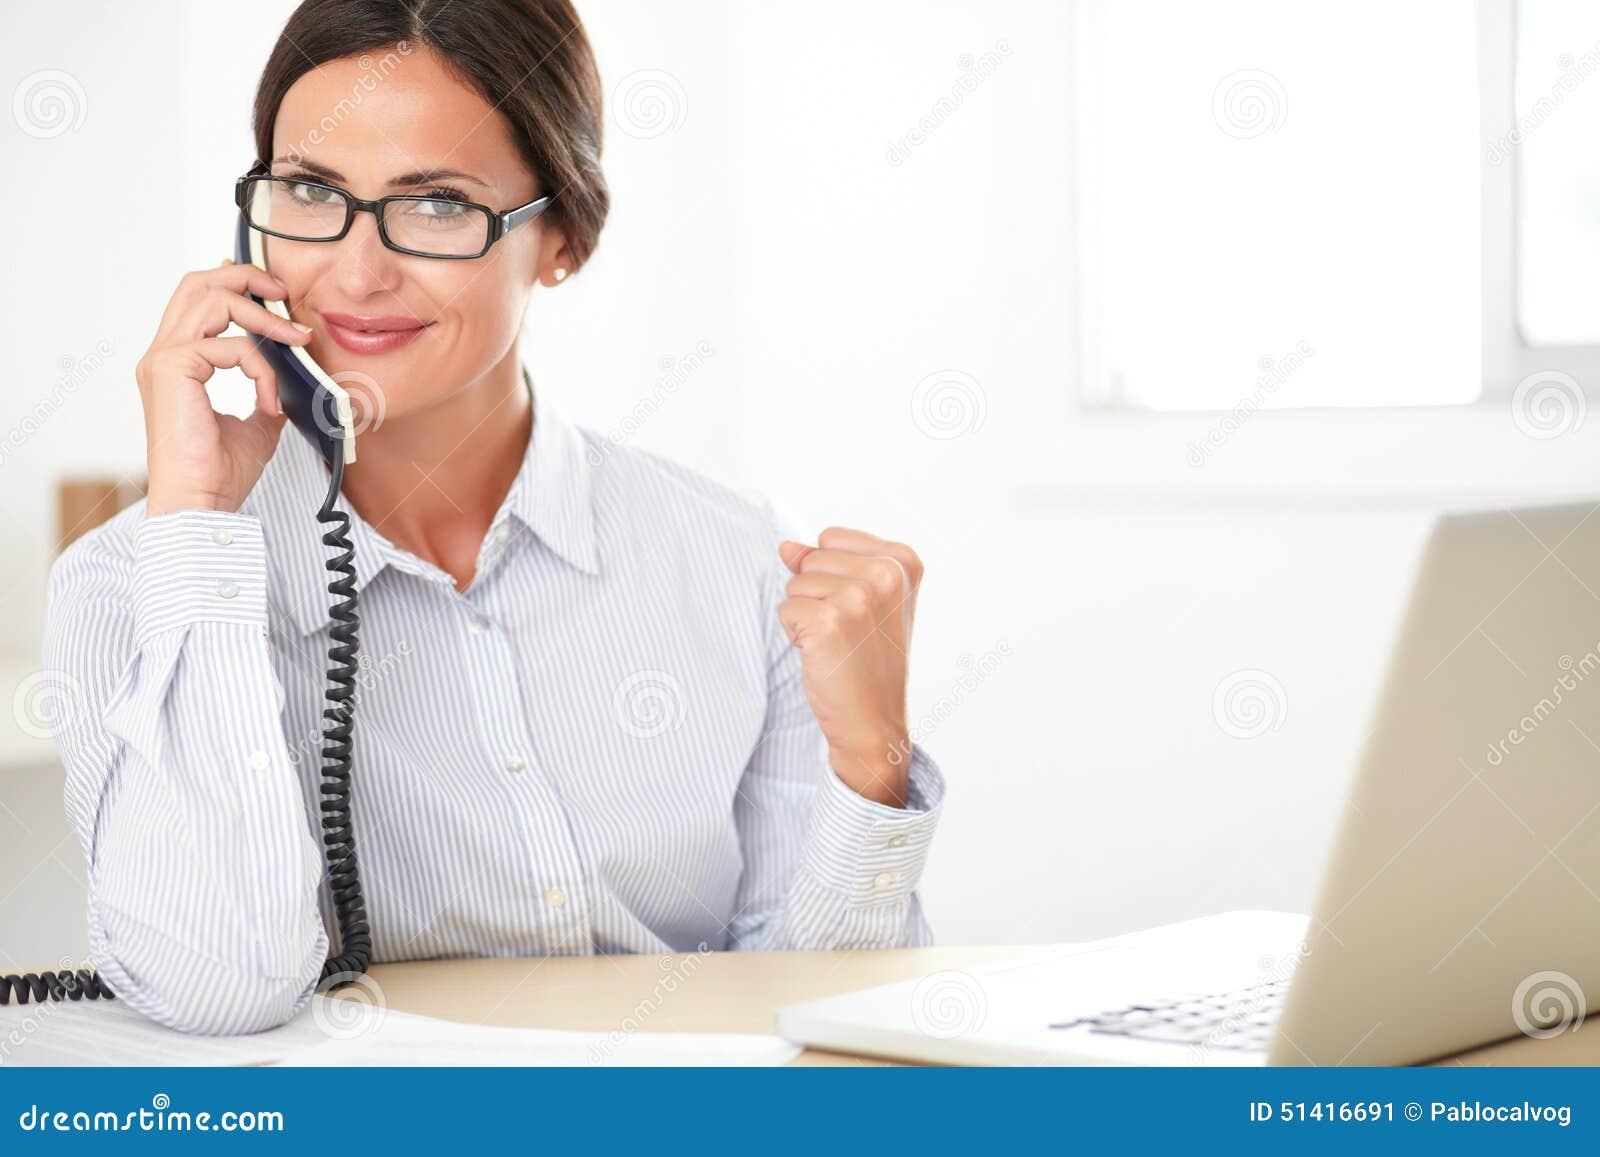 telefonos de chicas de compañia hembra